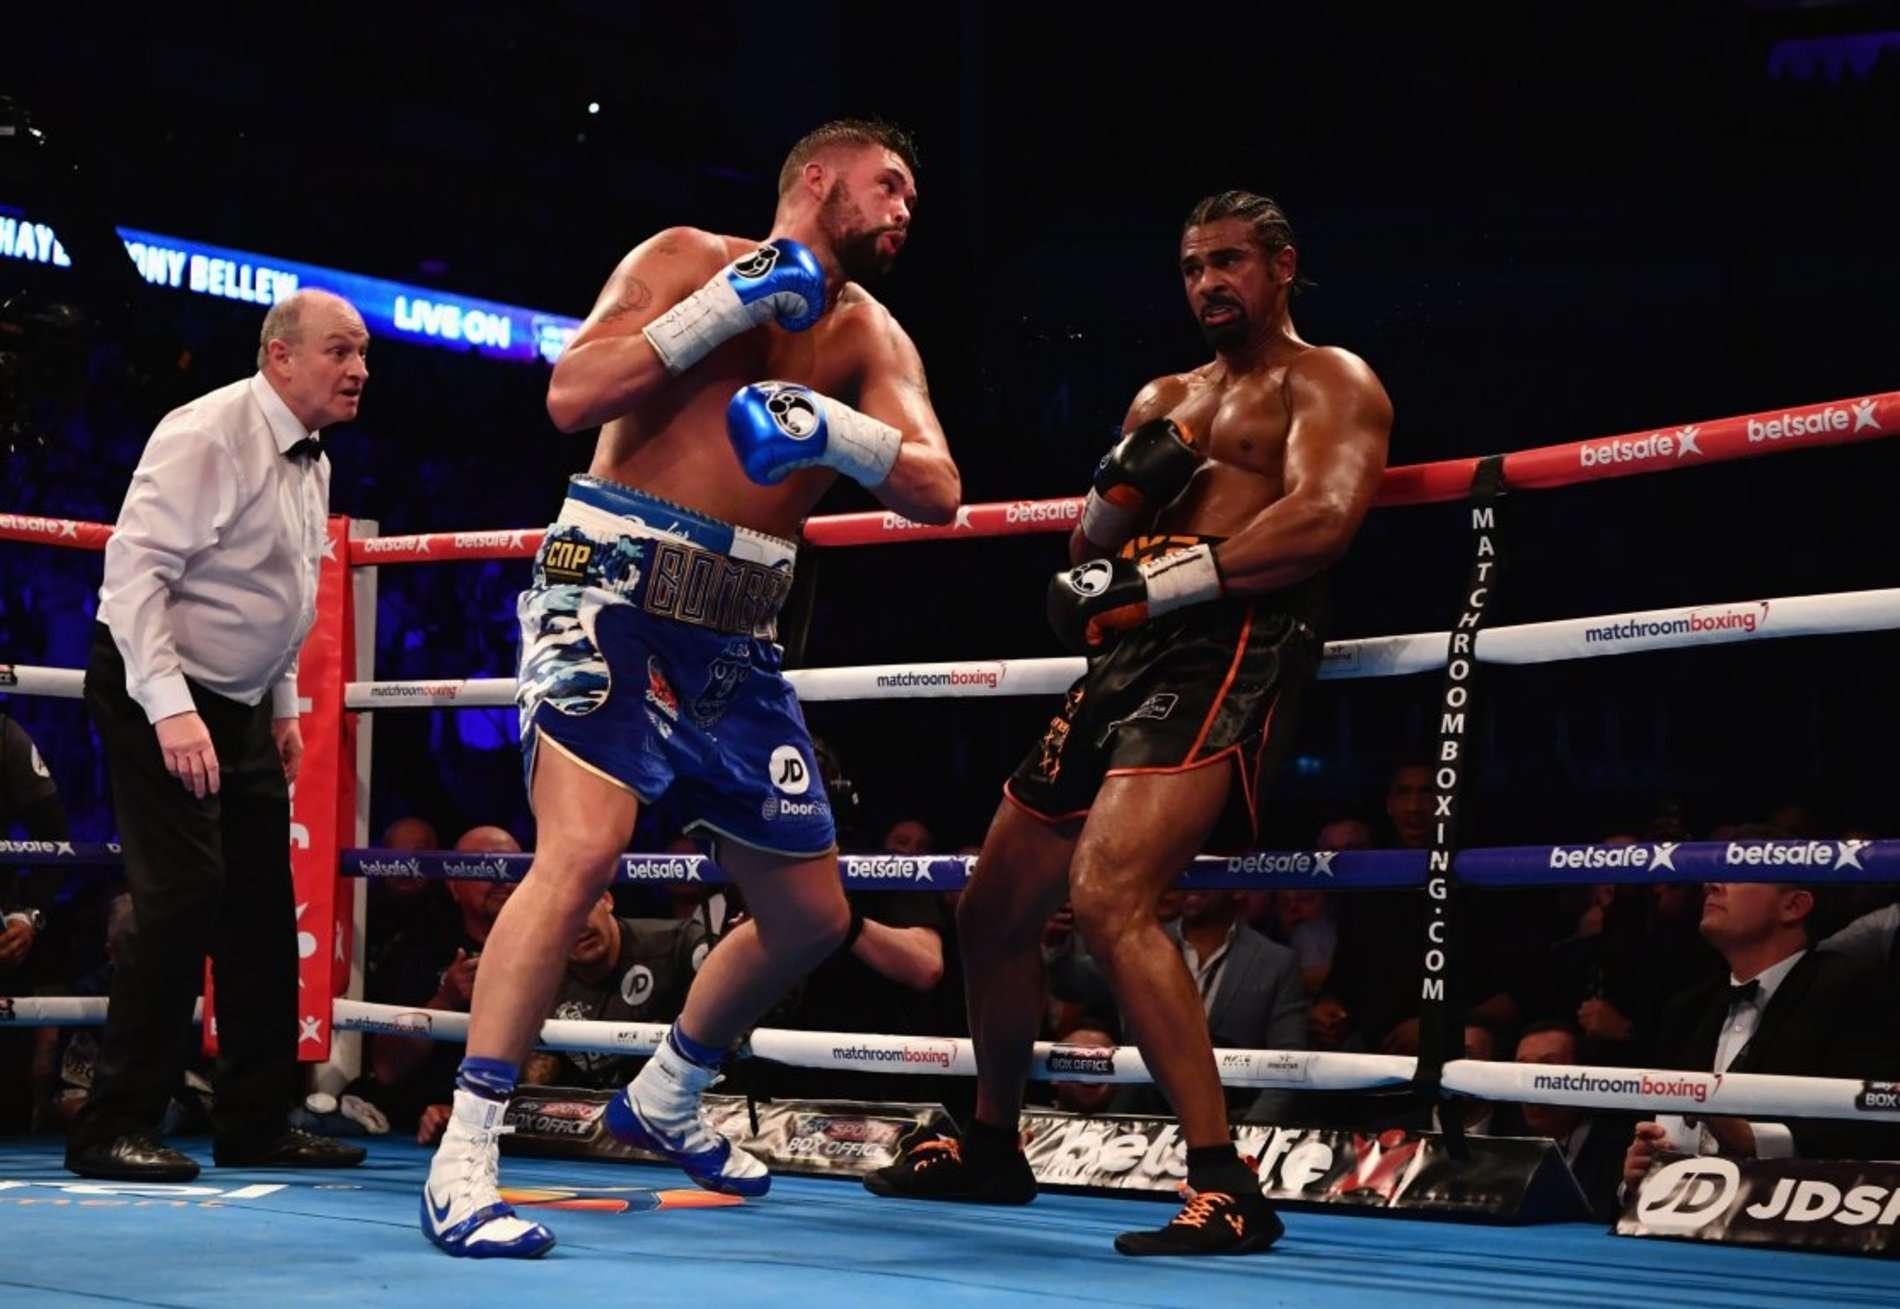 Легендарний боксер сенсаційно програв бій